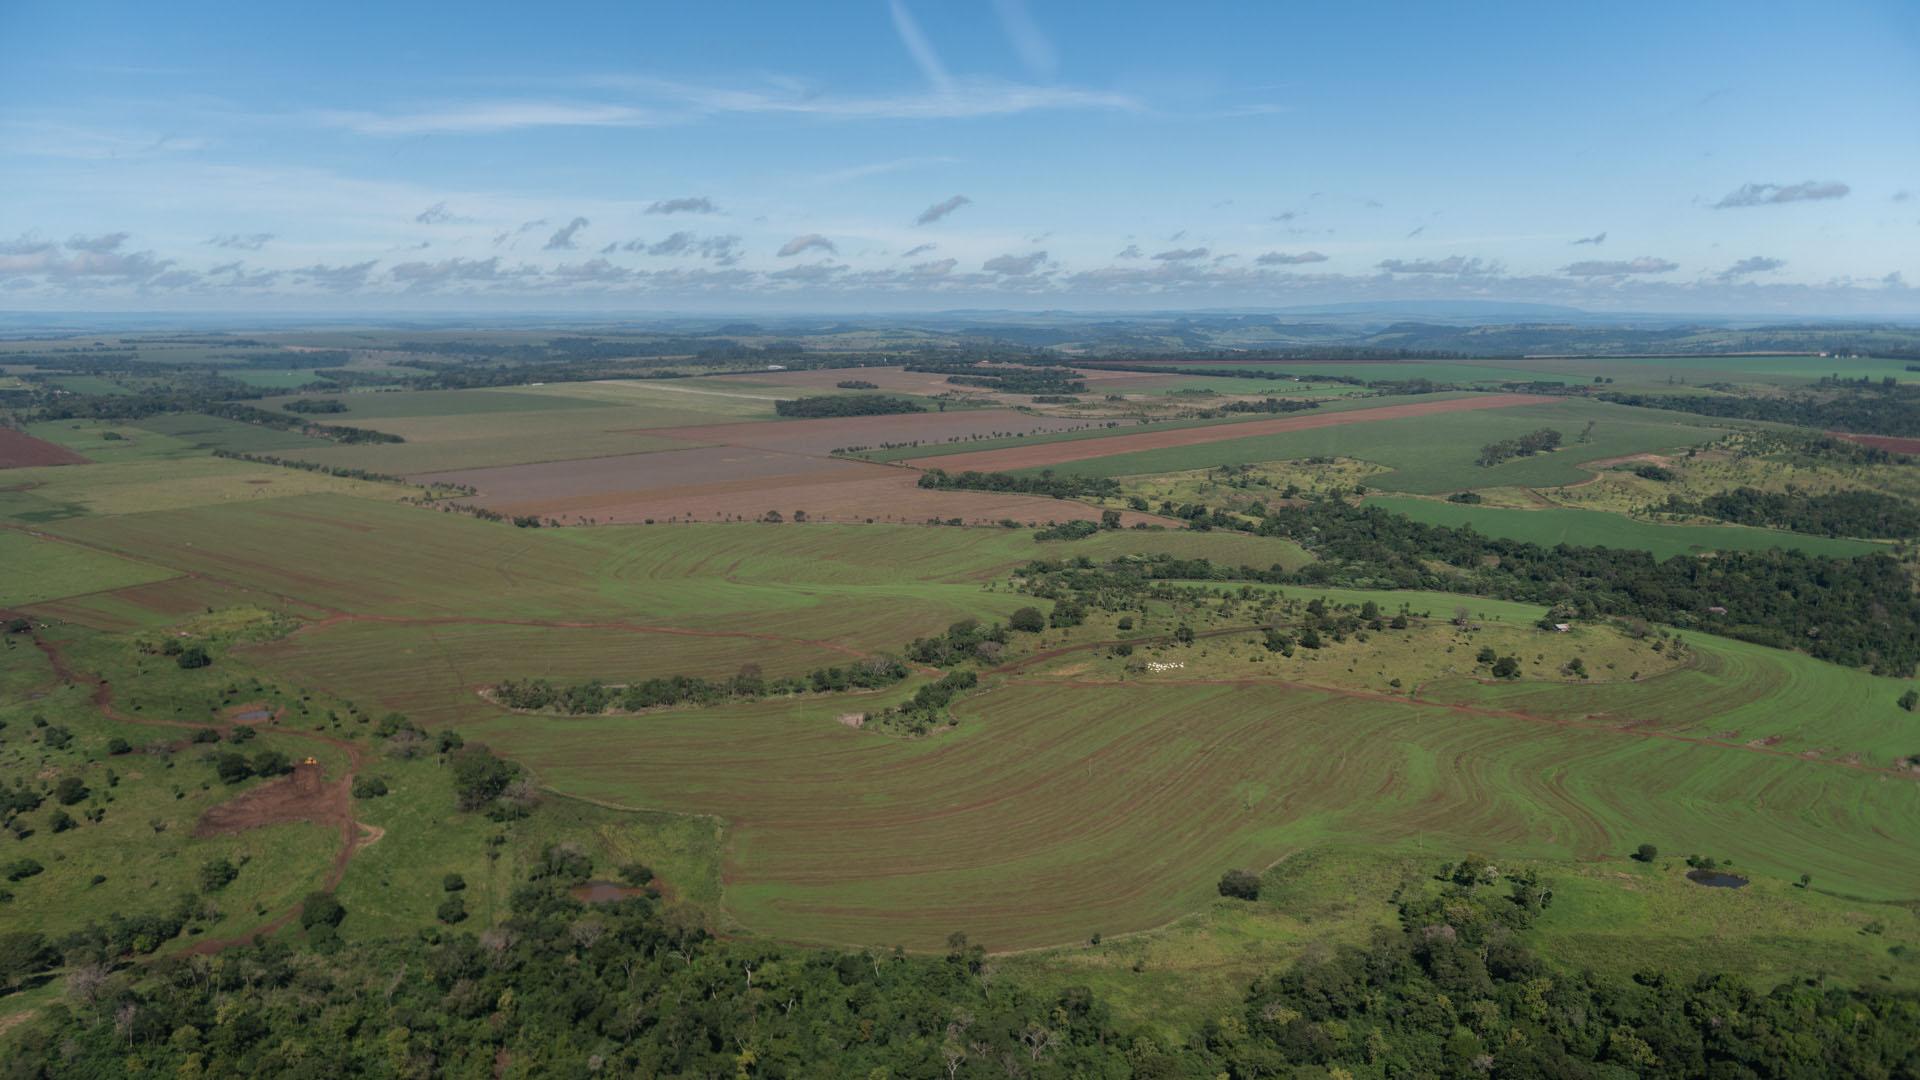 La llanura de Pedro Juan Caballero vista desde el aire.